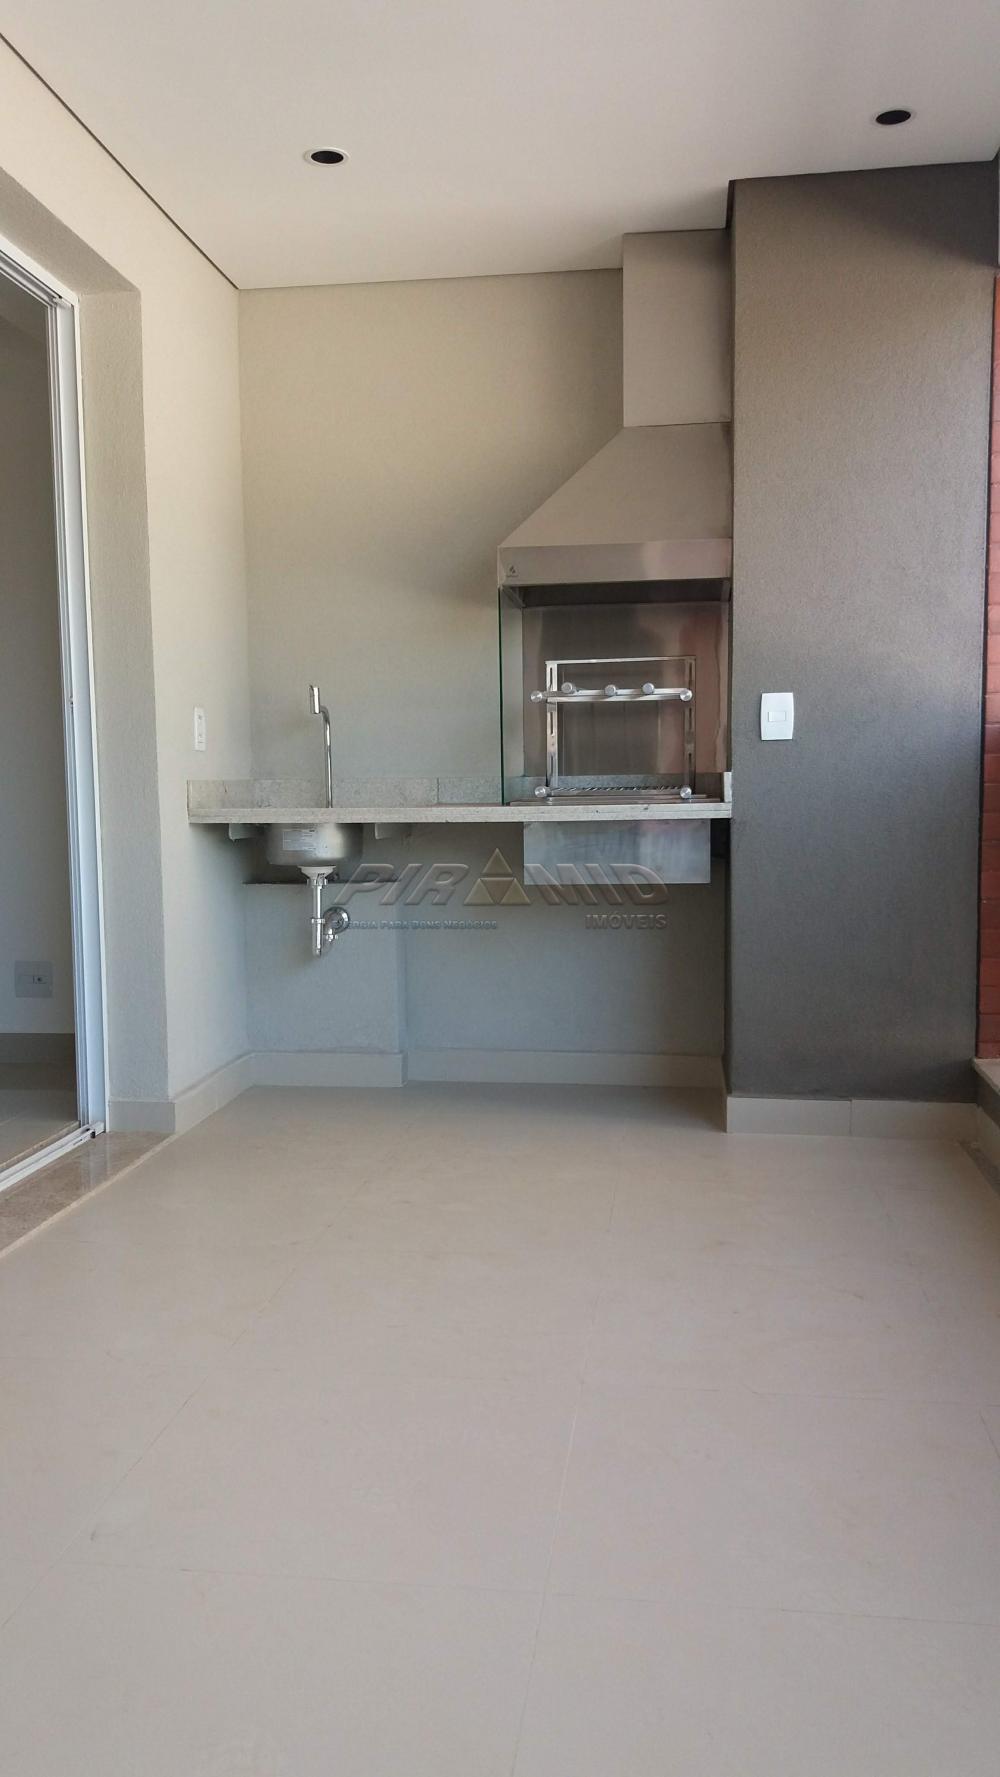 Comprar Apartamento / Padrão em Ribeirão Preto apenas R$ 785.648,24 - Foto 3